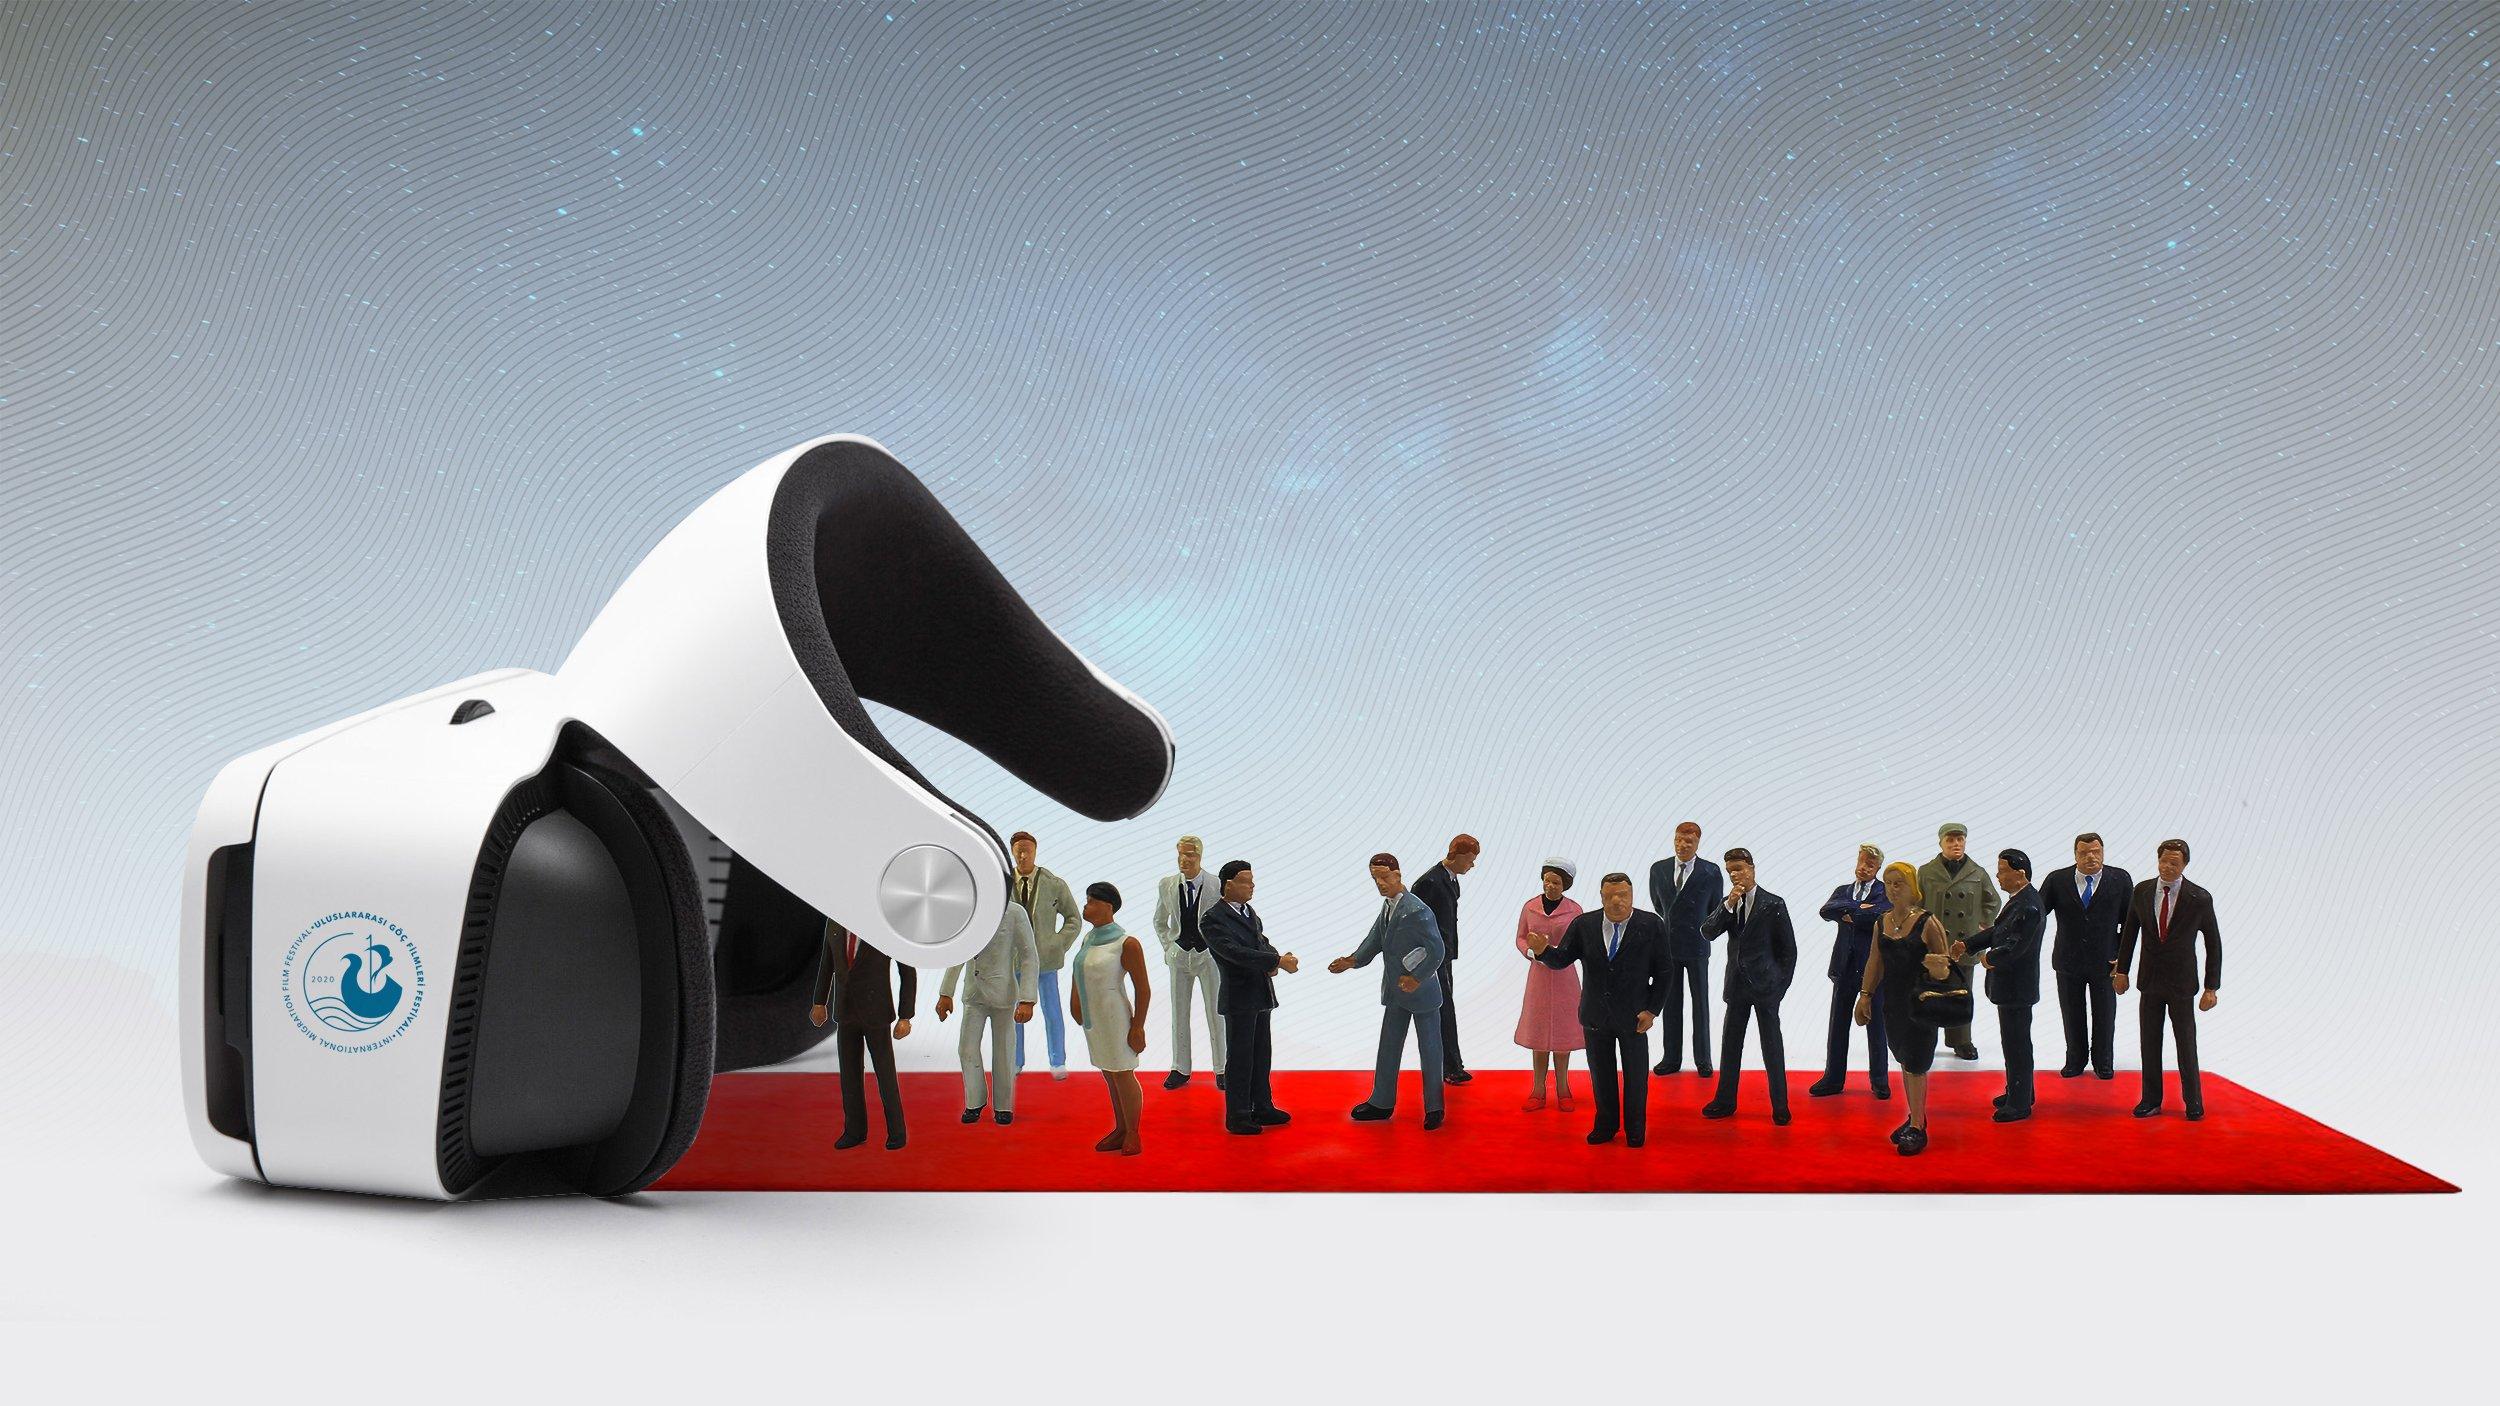 作为节日的一部分,您可以使用VR眼镜参观有关移民和历史遗址的特别展览。